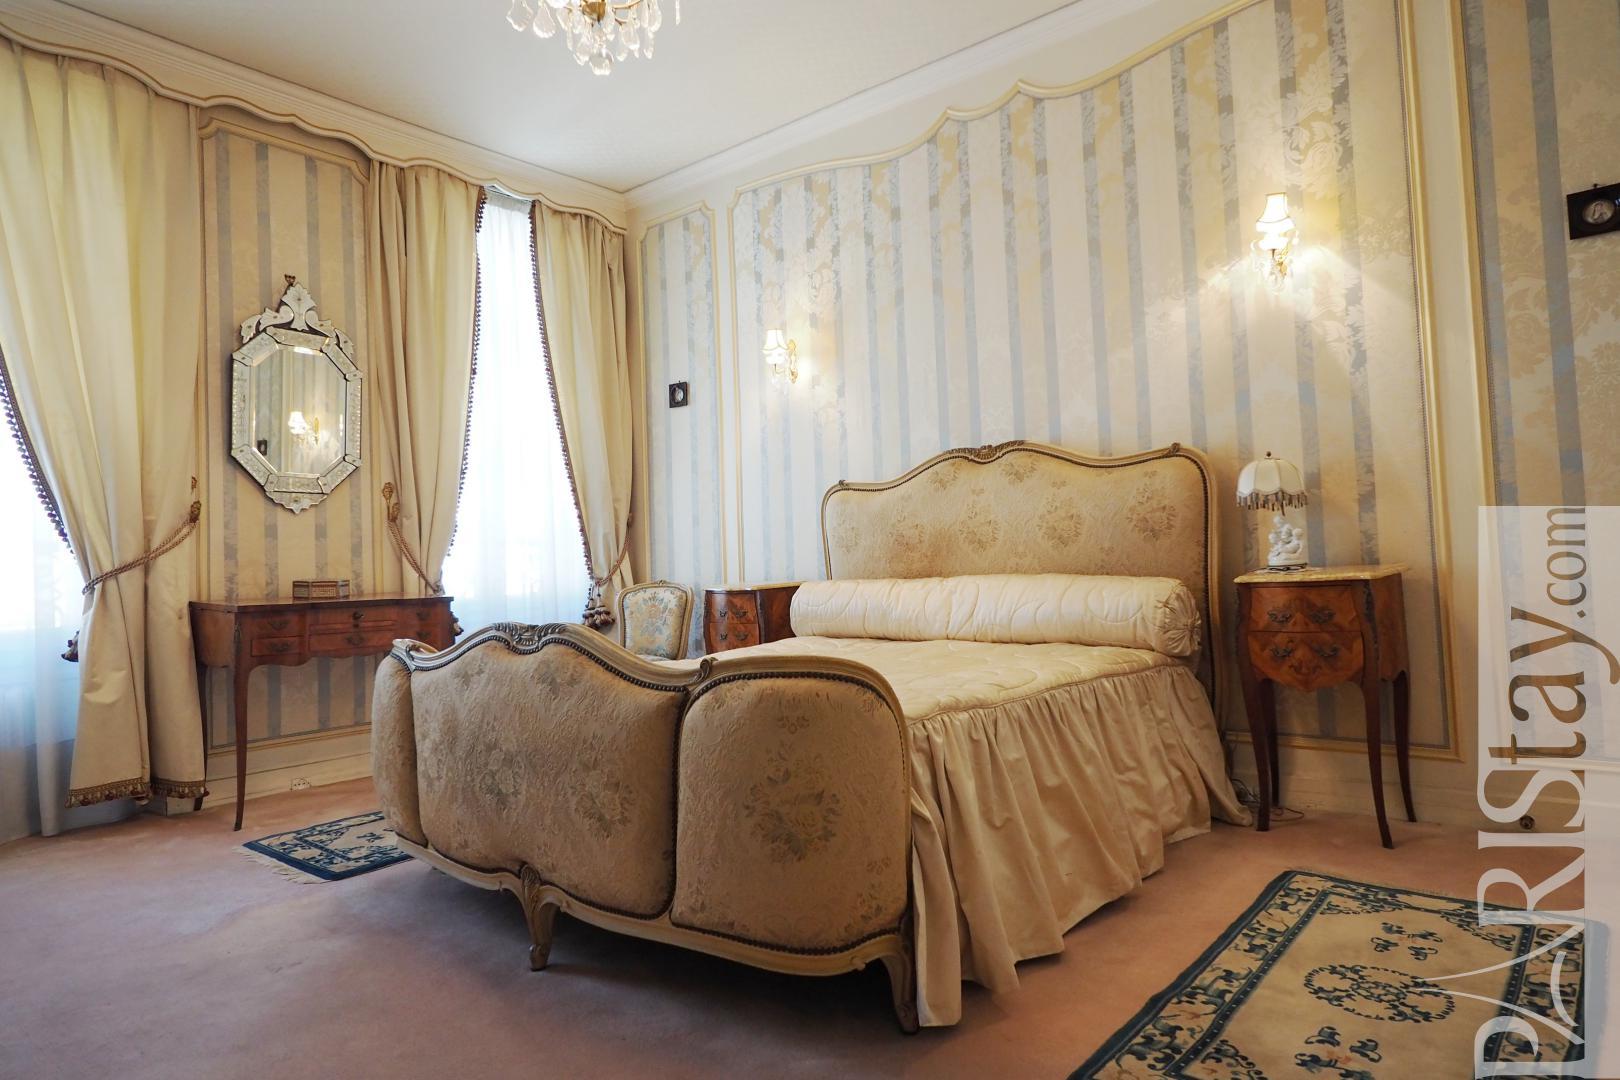 Location appartement paris t2 1 chambre bastille place des vosges - Location appartement paris 4 chambres ...